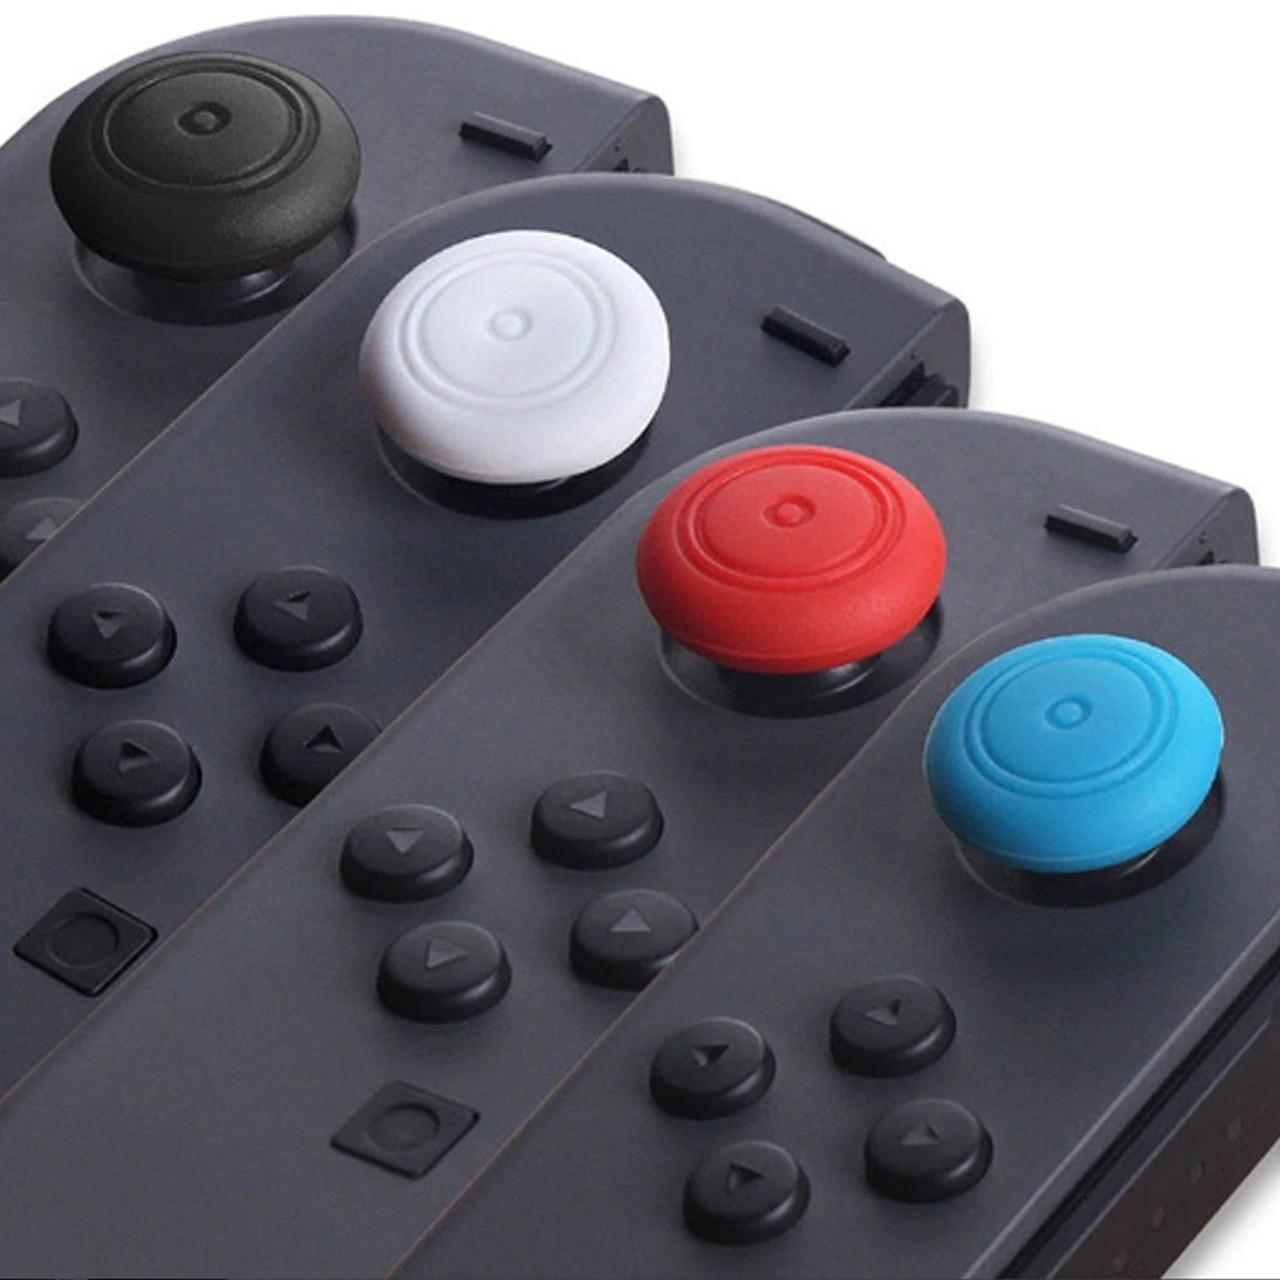 Накладки на аналоговые стики для joy-con Nintendo Switch